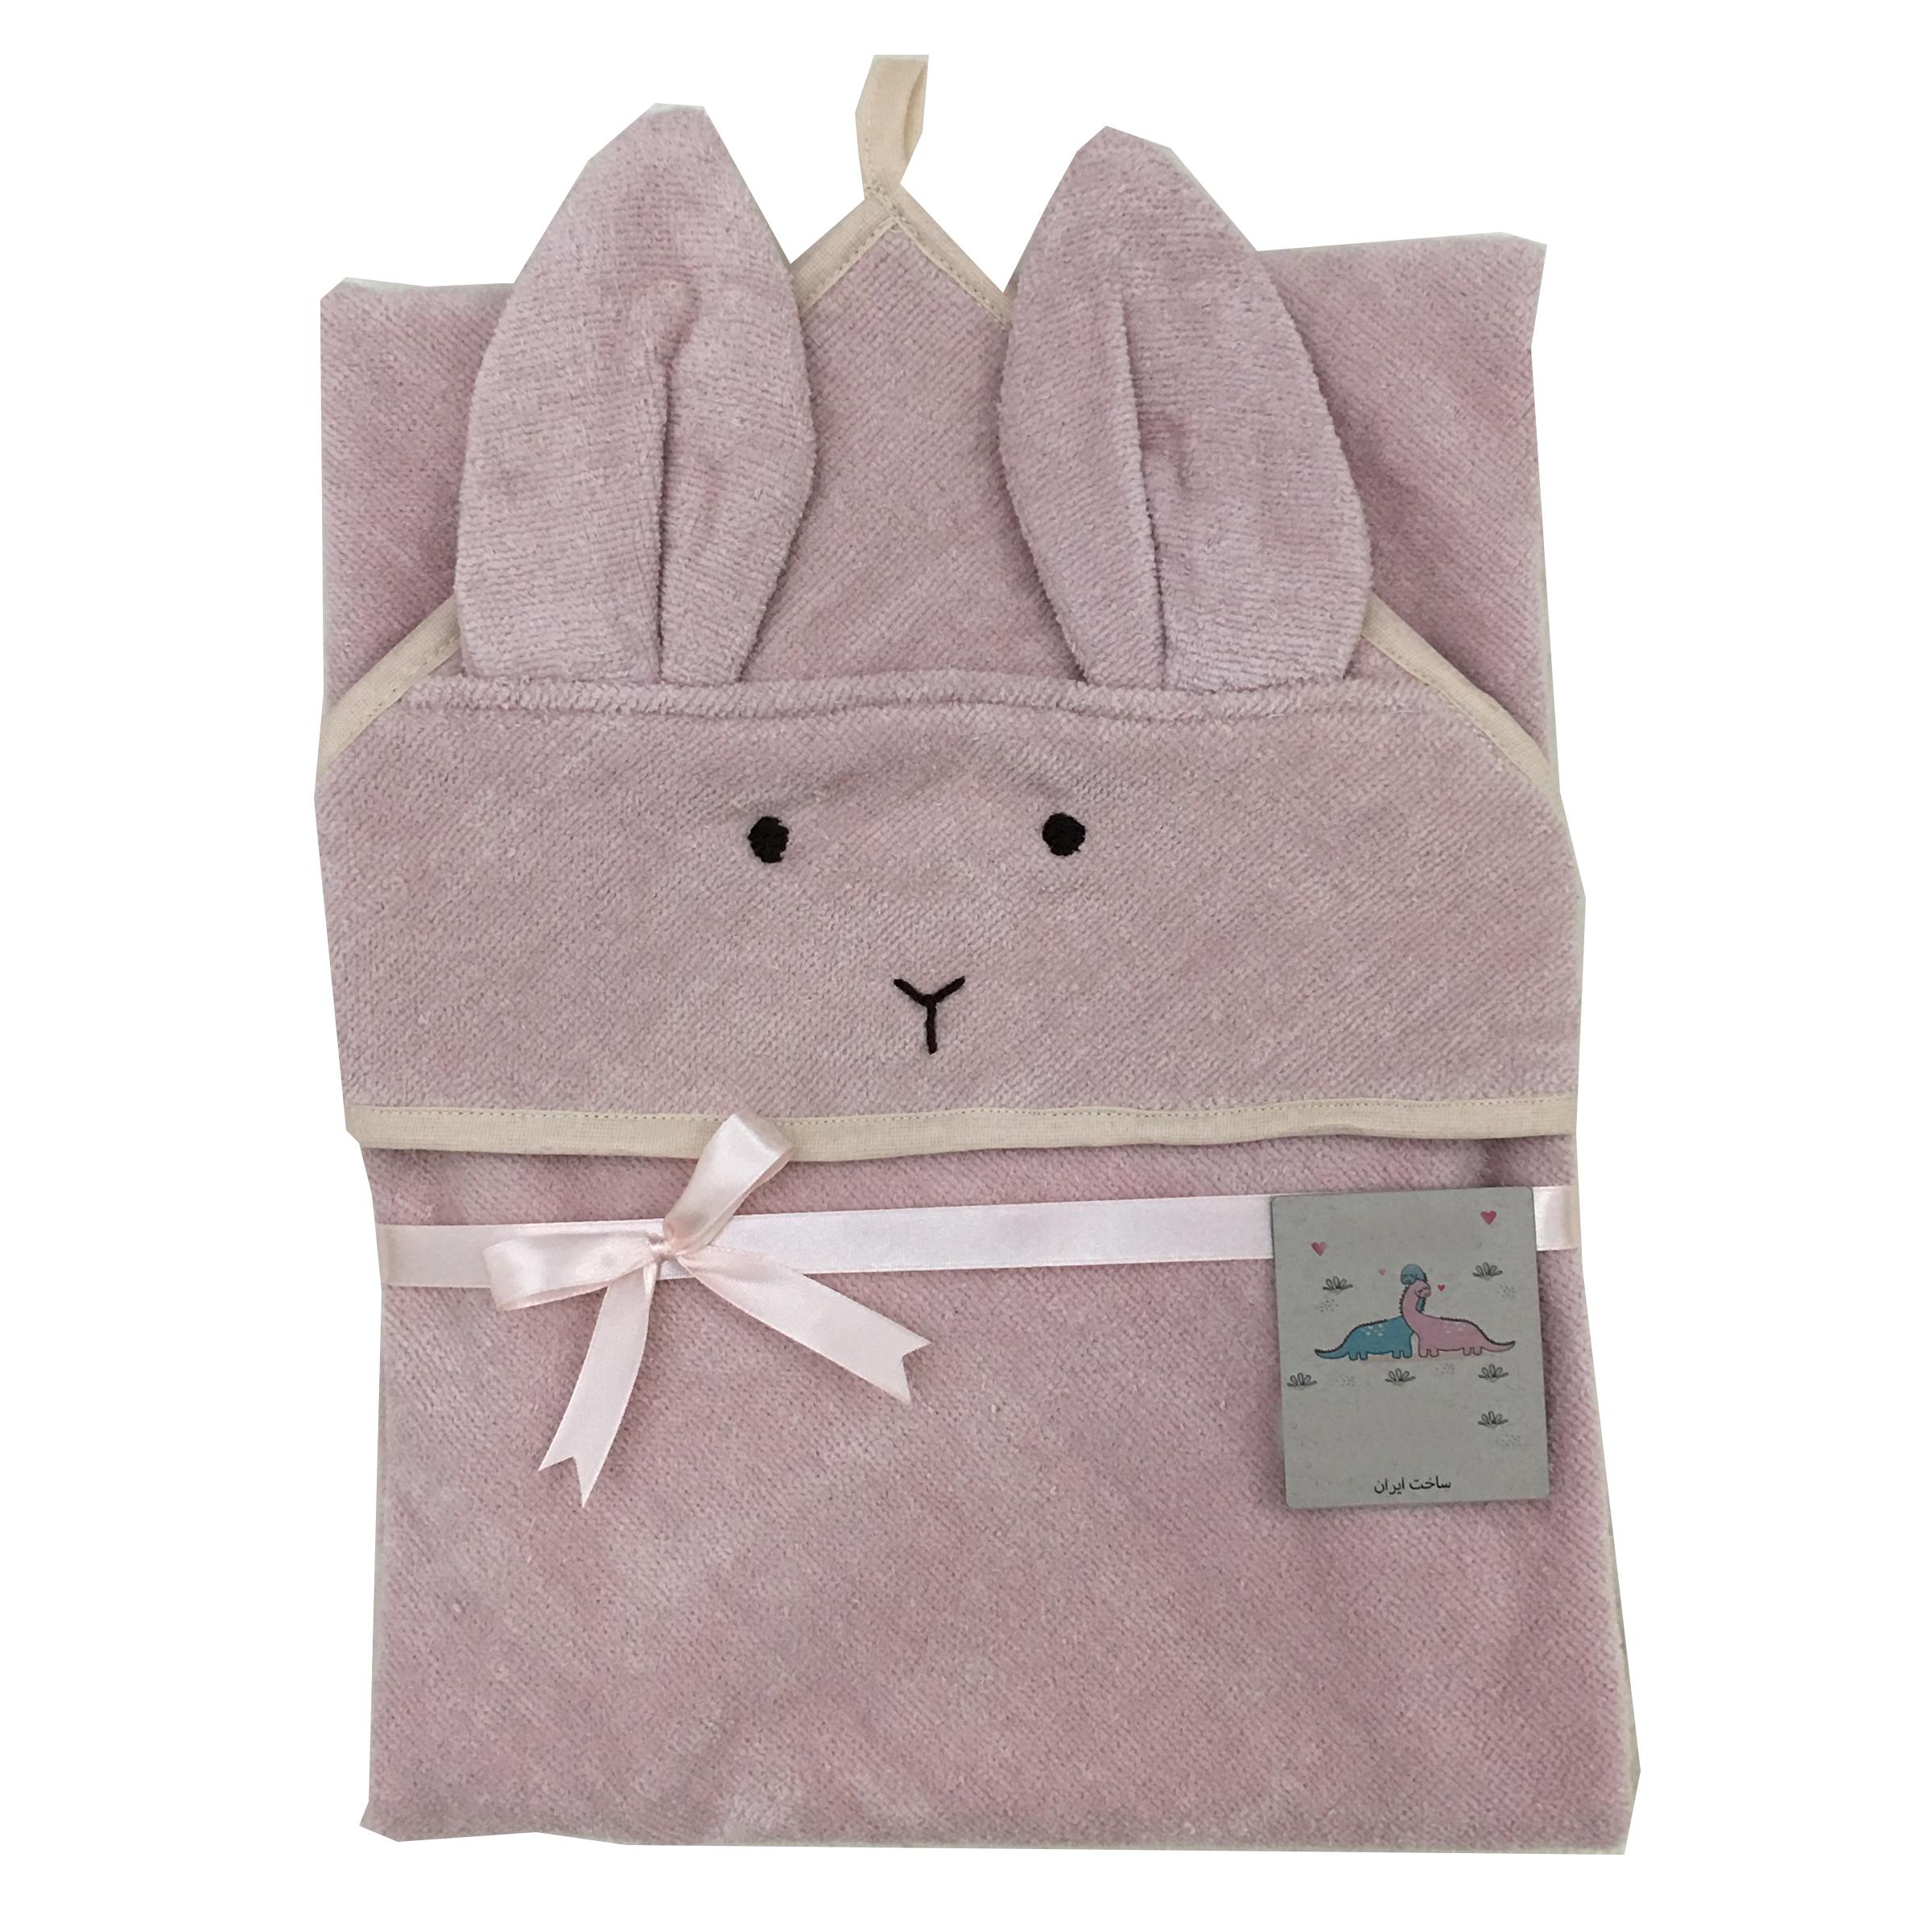 حوله نوزاد طرح خرگوش مدل DK-H2